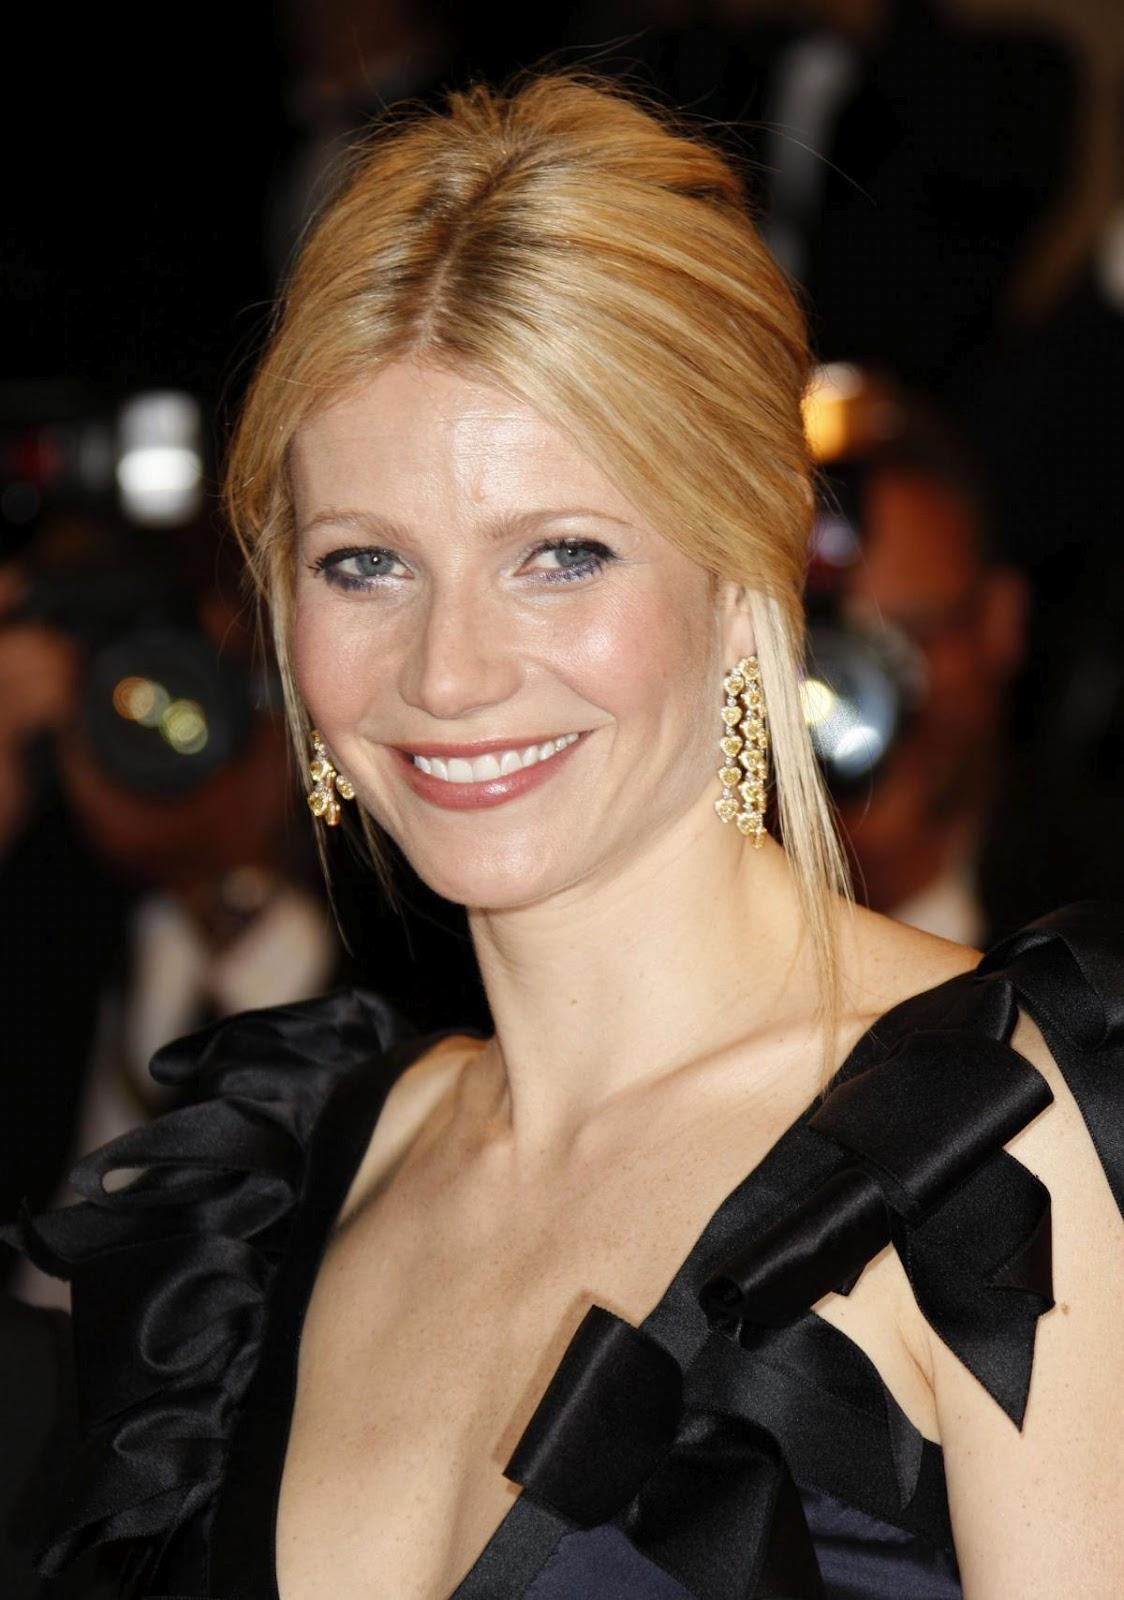 http://4.bp.blogspot.com/-EIfU_6wf6gA/UGQNWExT8ZI/AAAAAAAABh8/c2ayOGtPluU/s1600/gwyneth-paltrow-no-makeup-10.jpg